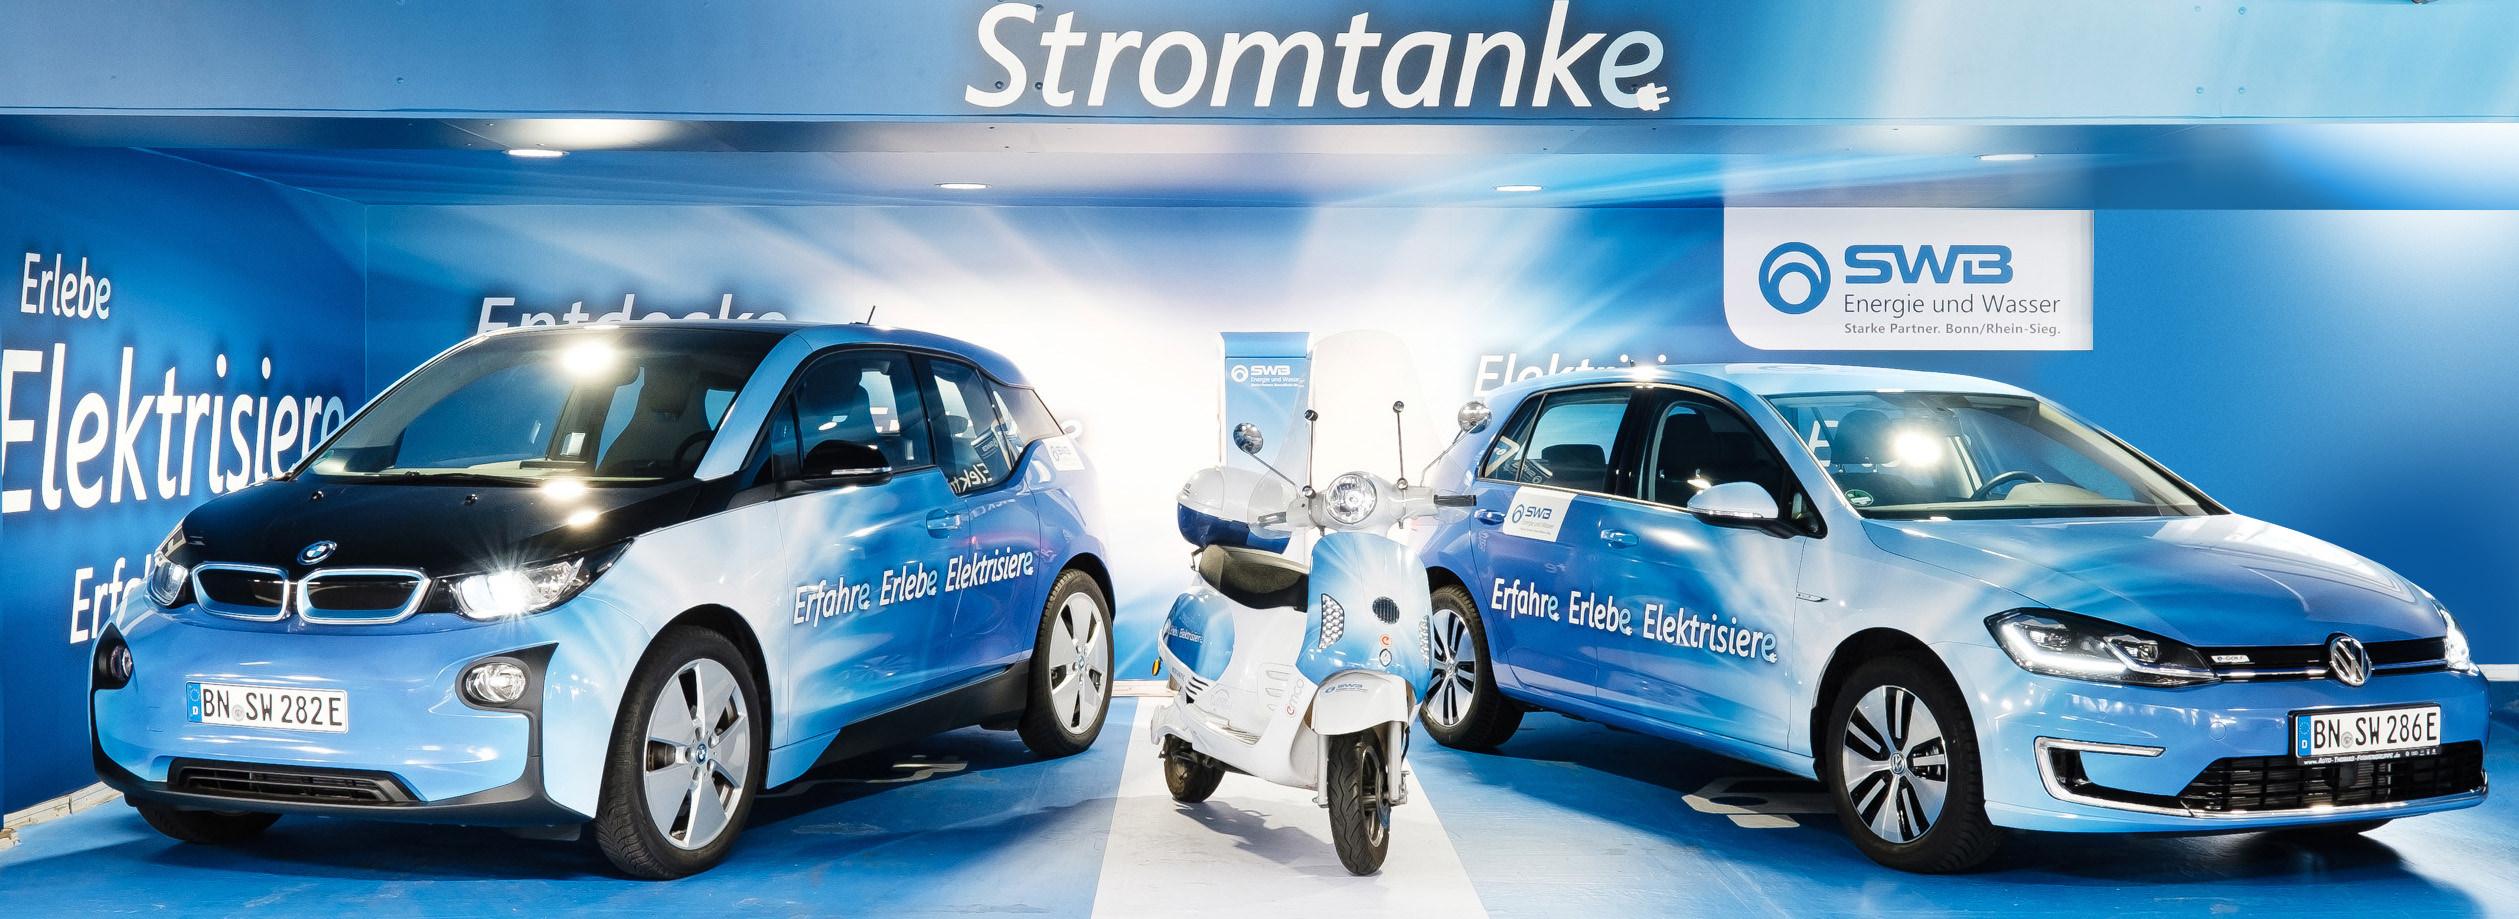 Tanken Mit Karte Gewinner.Elektrotankstellen Swb Energie Und Wasser Stadtwerke Bonn